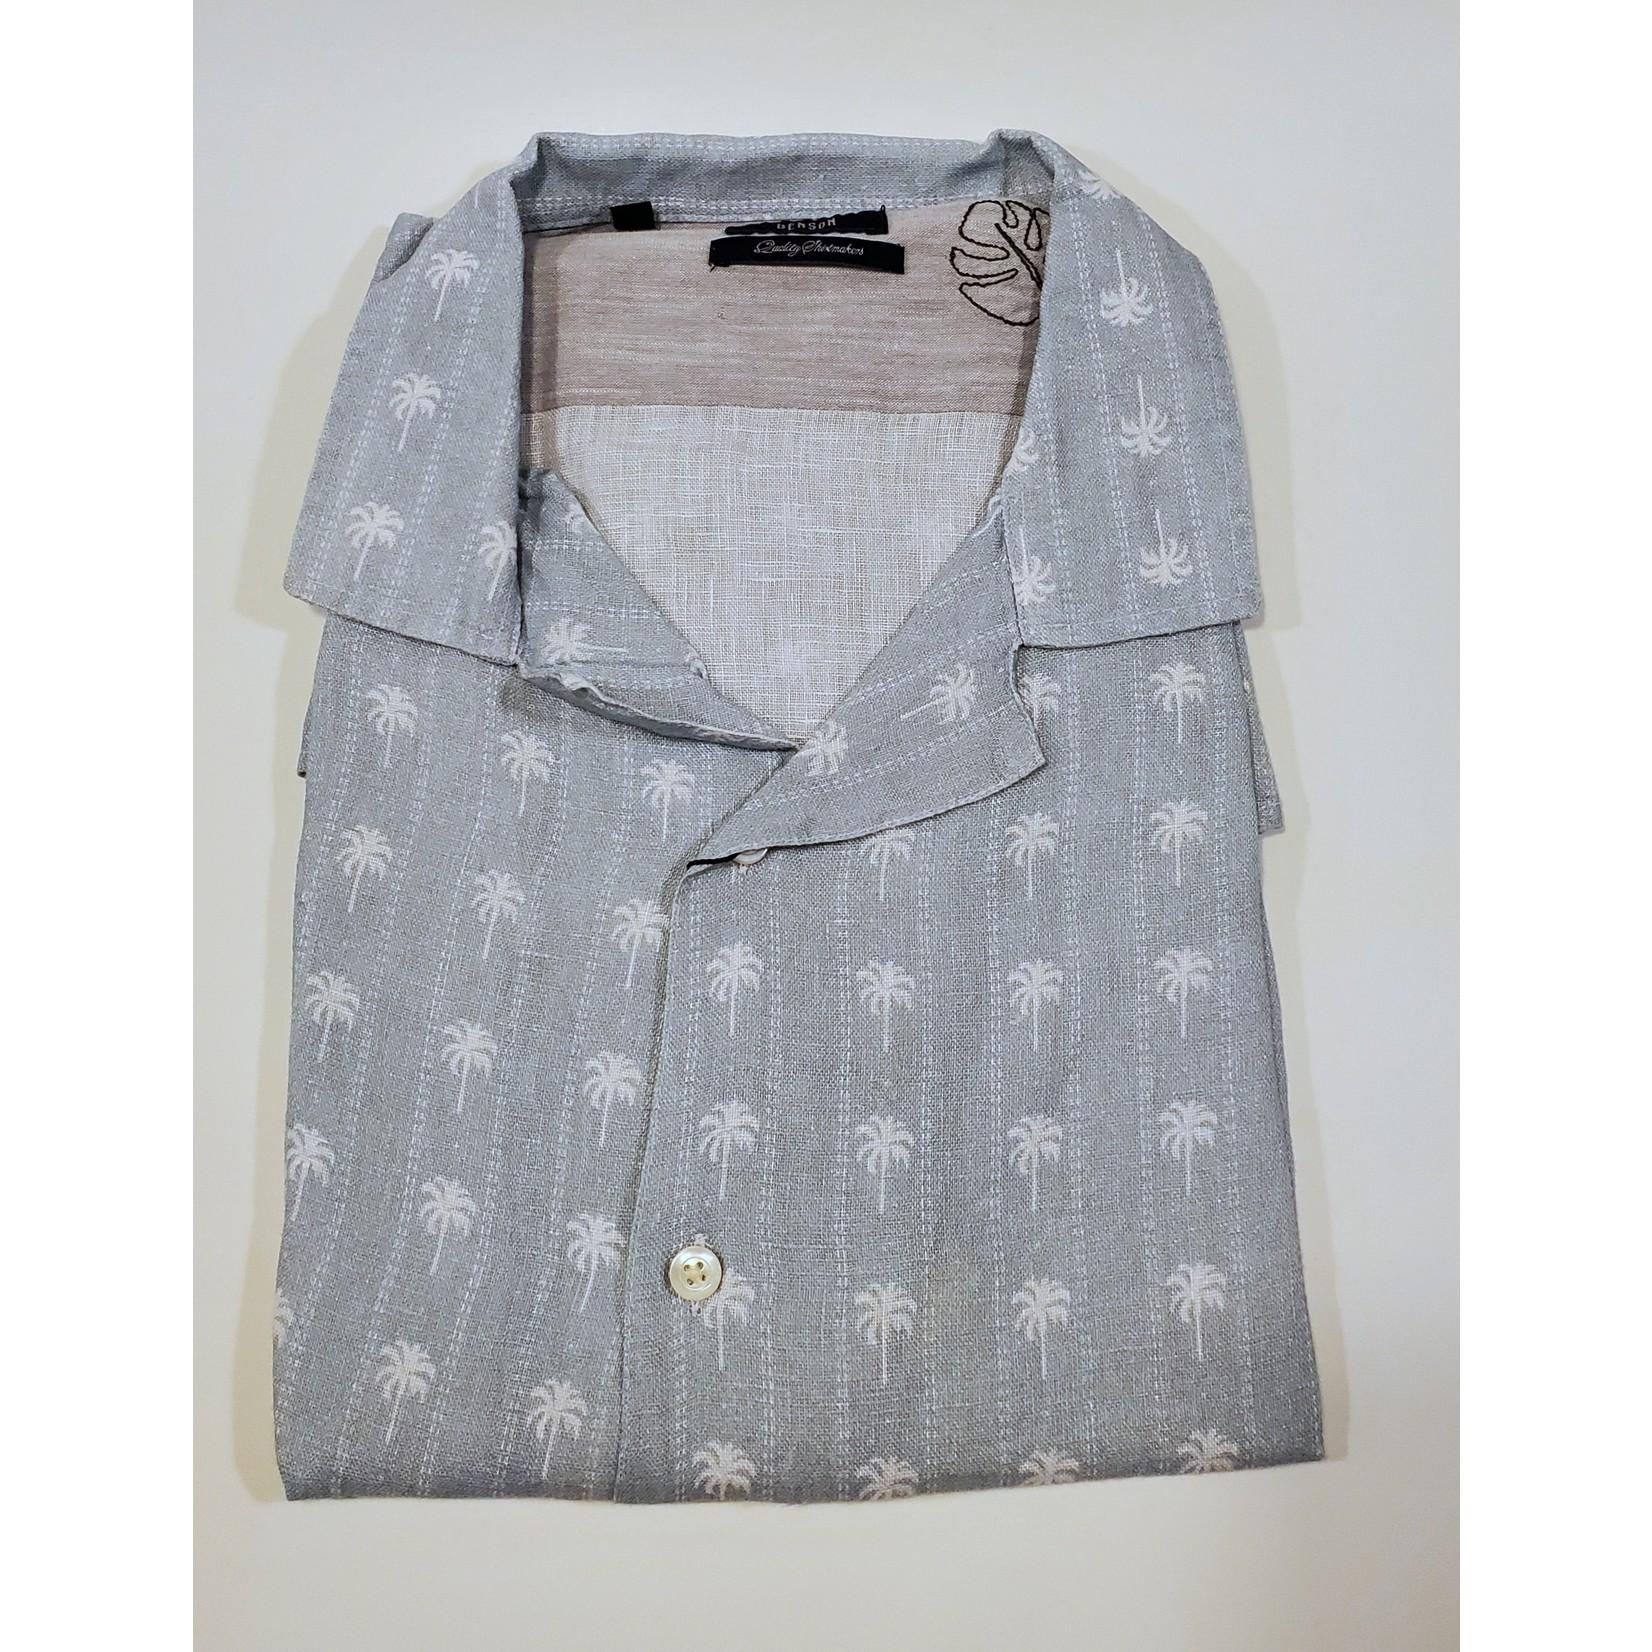 Benson Benson SKT83 Short Sleeve Printed Linen Camp Shirt